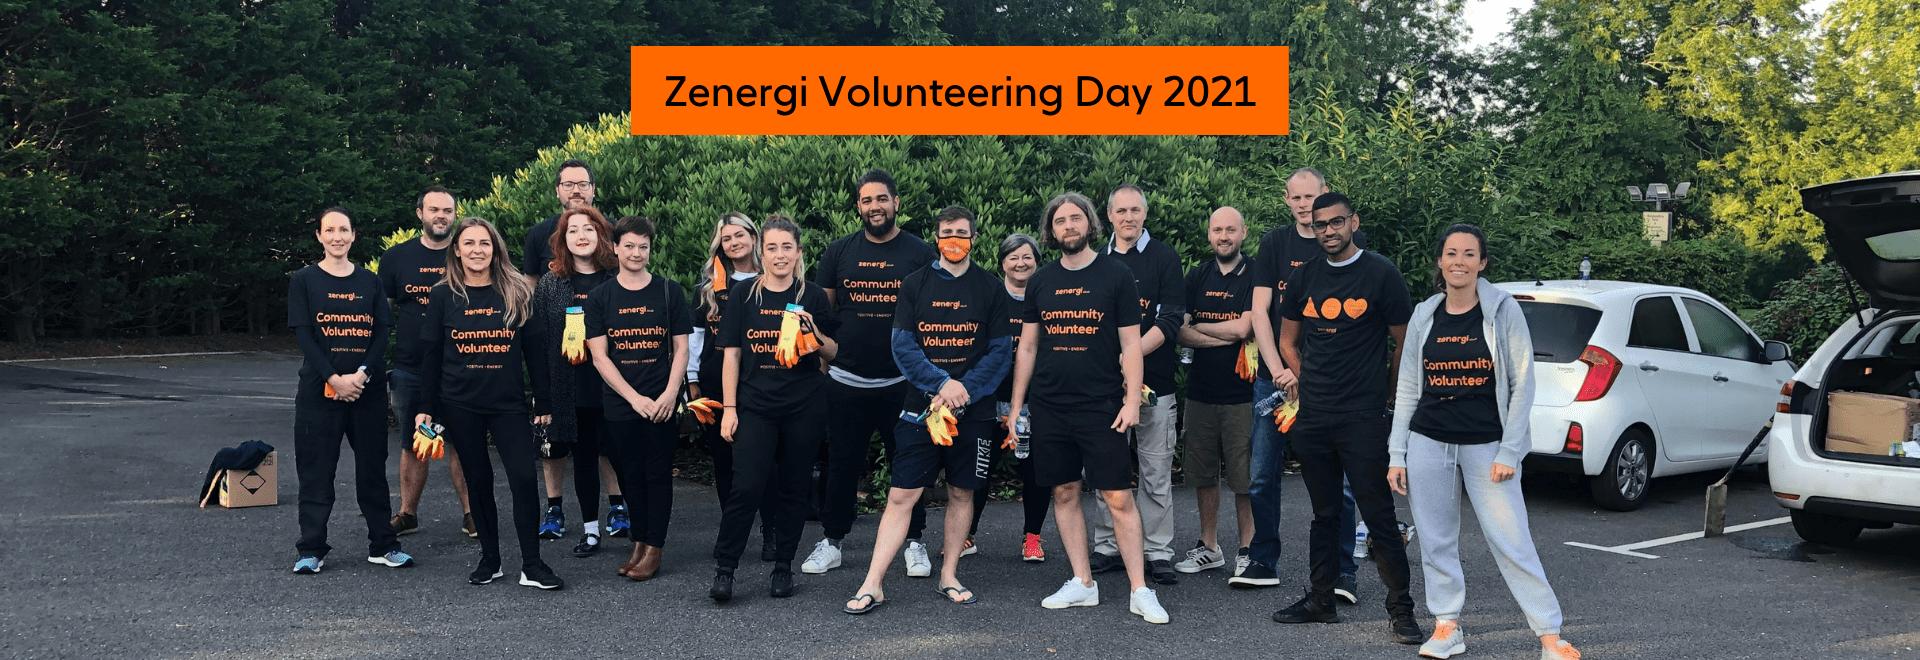 Zenergi Volunteers